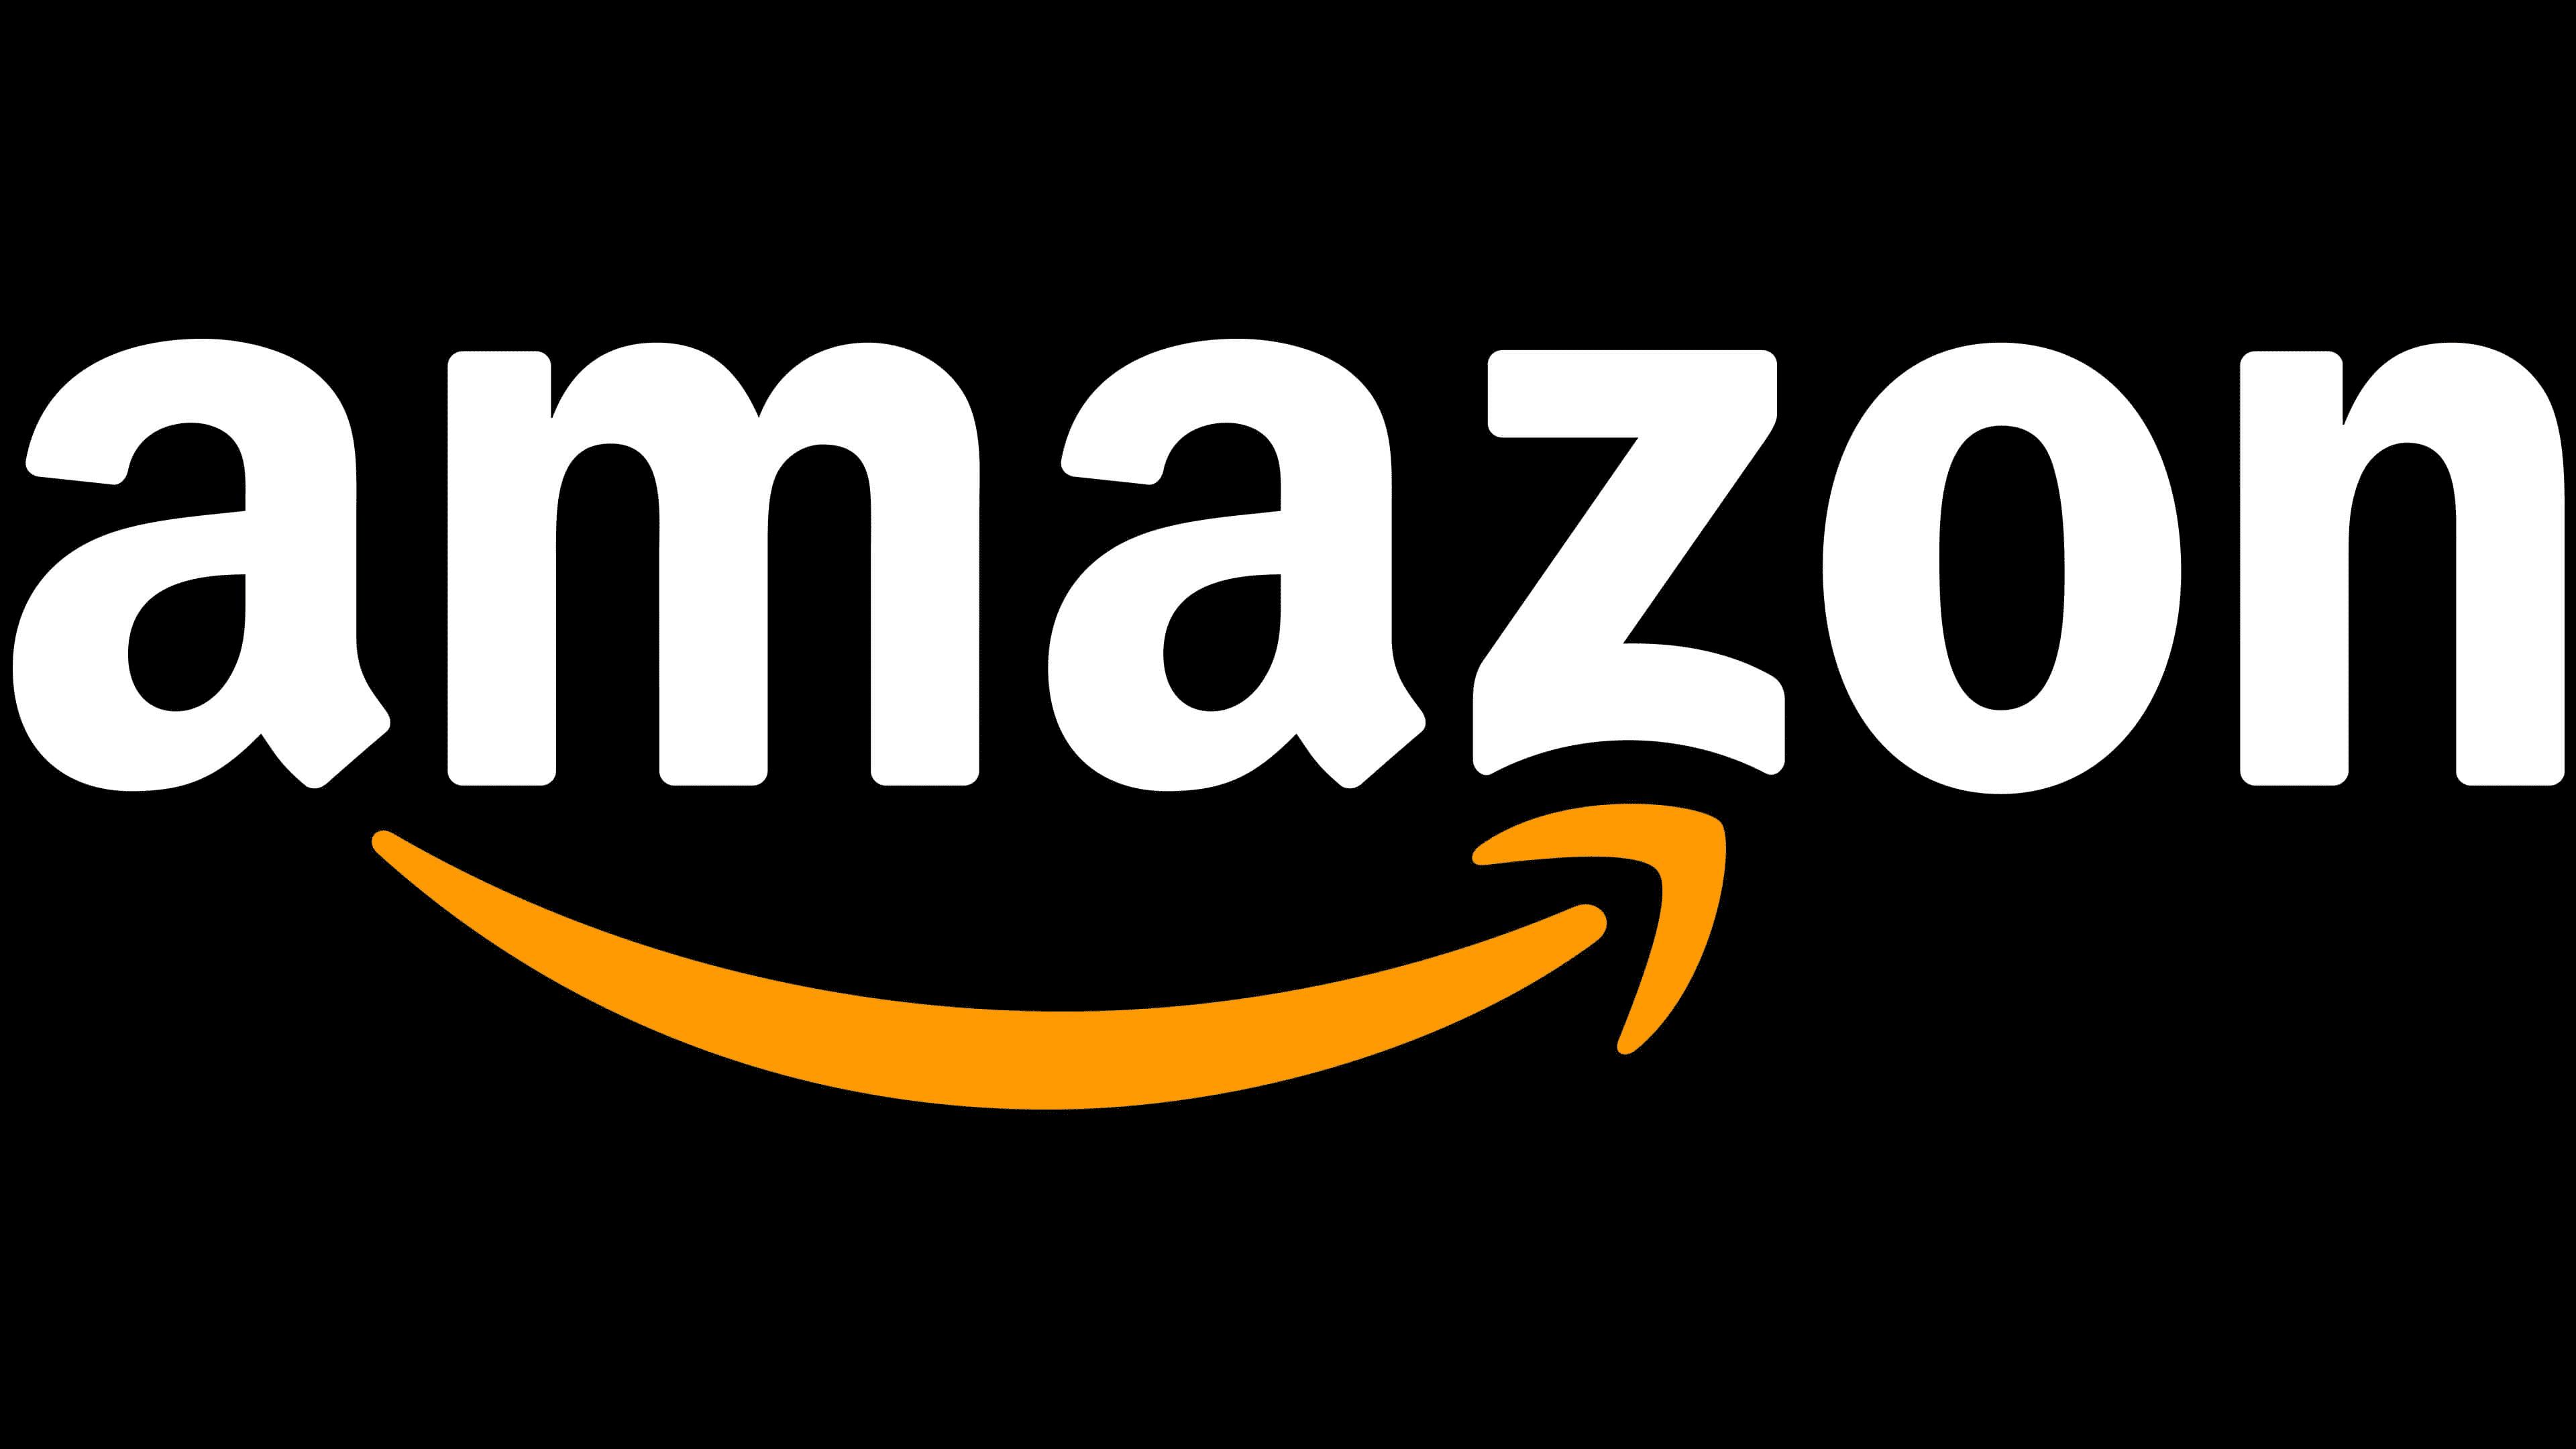 Amazon emblem